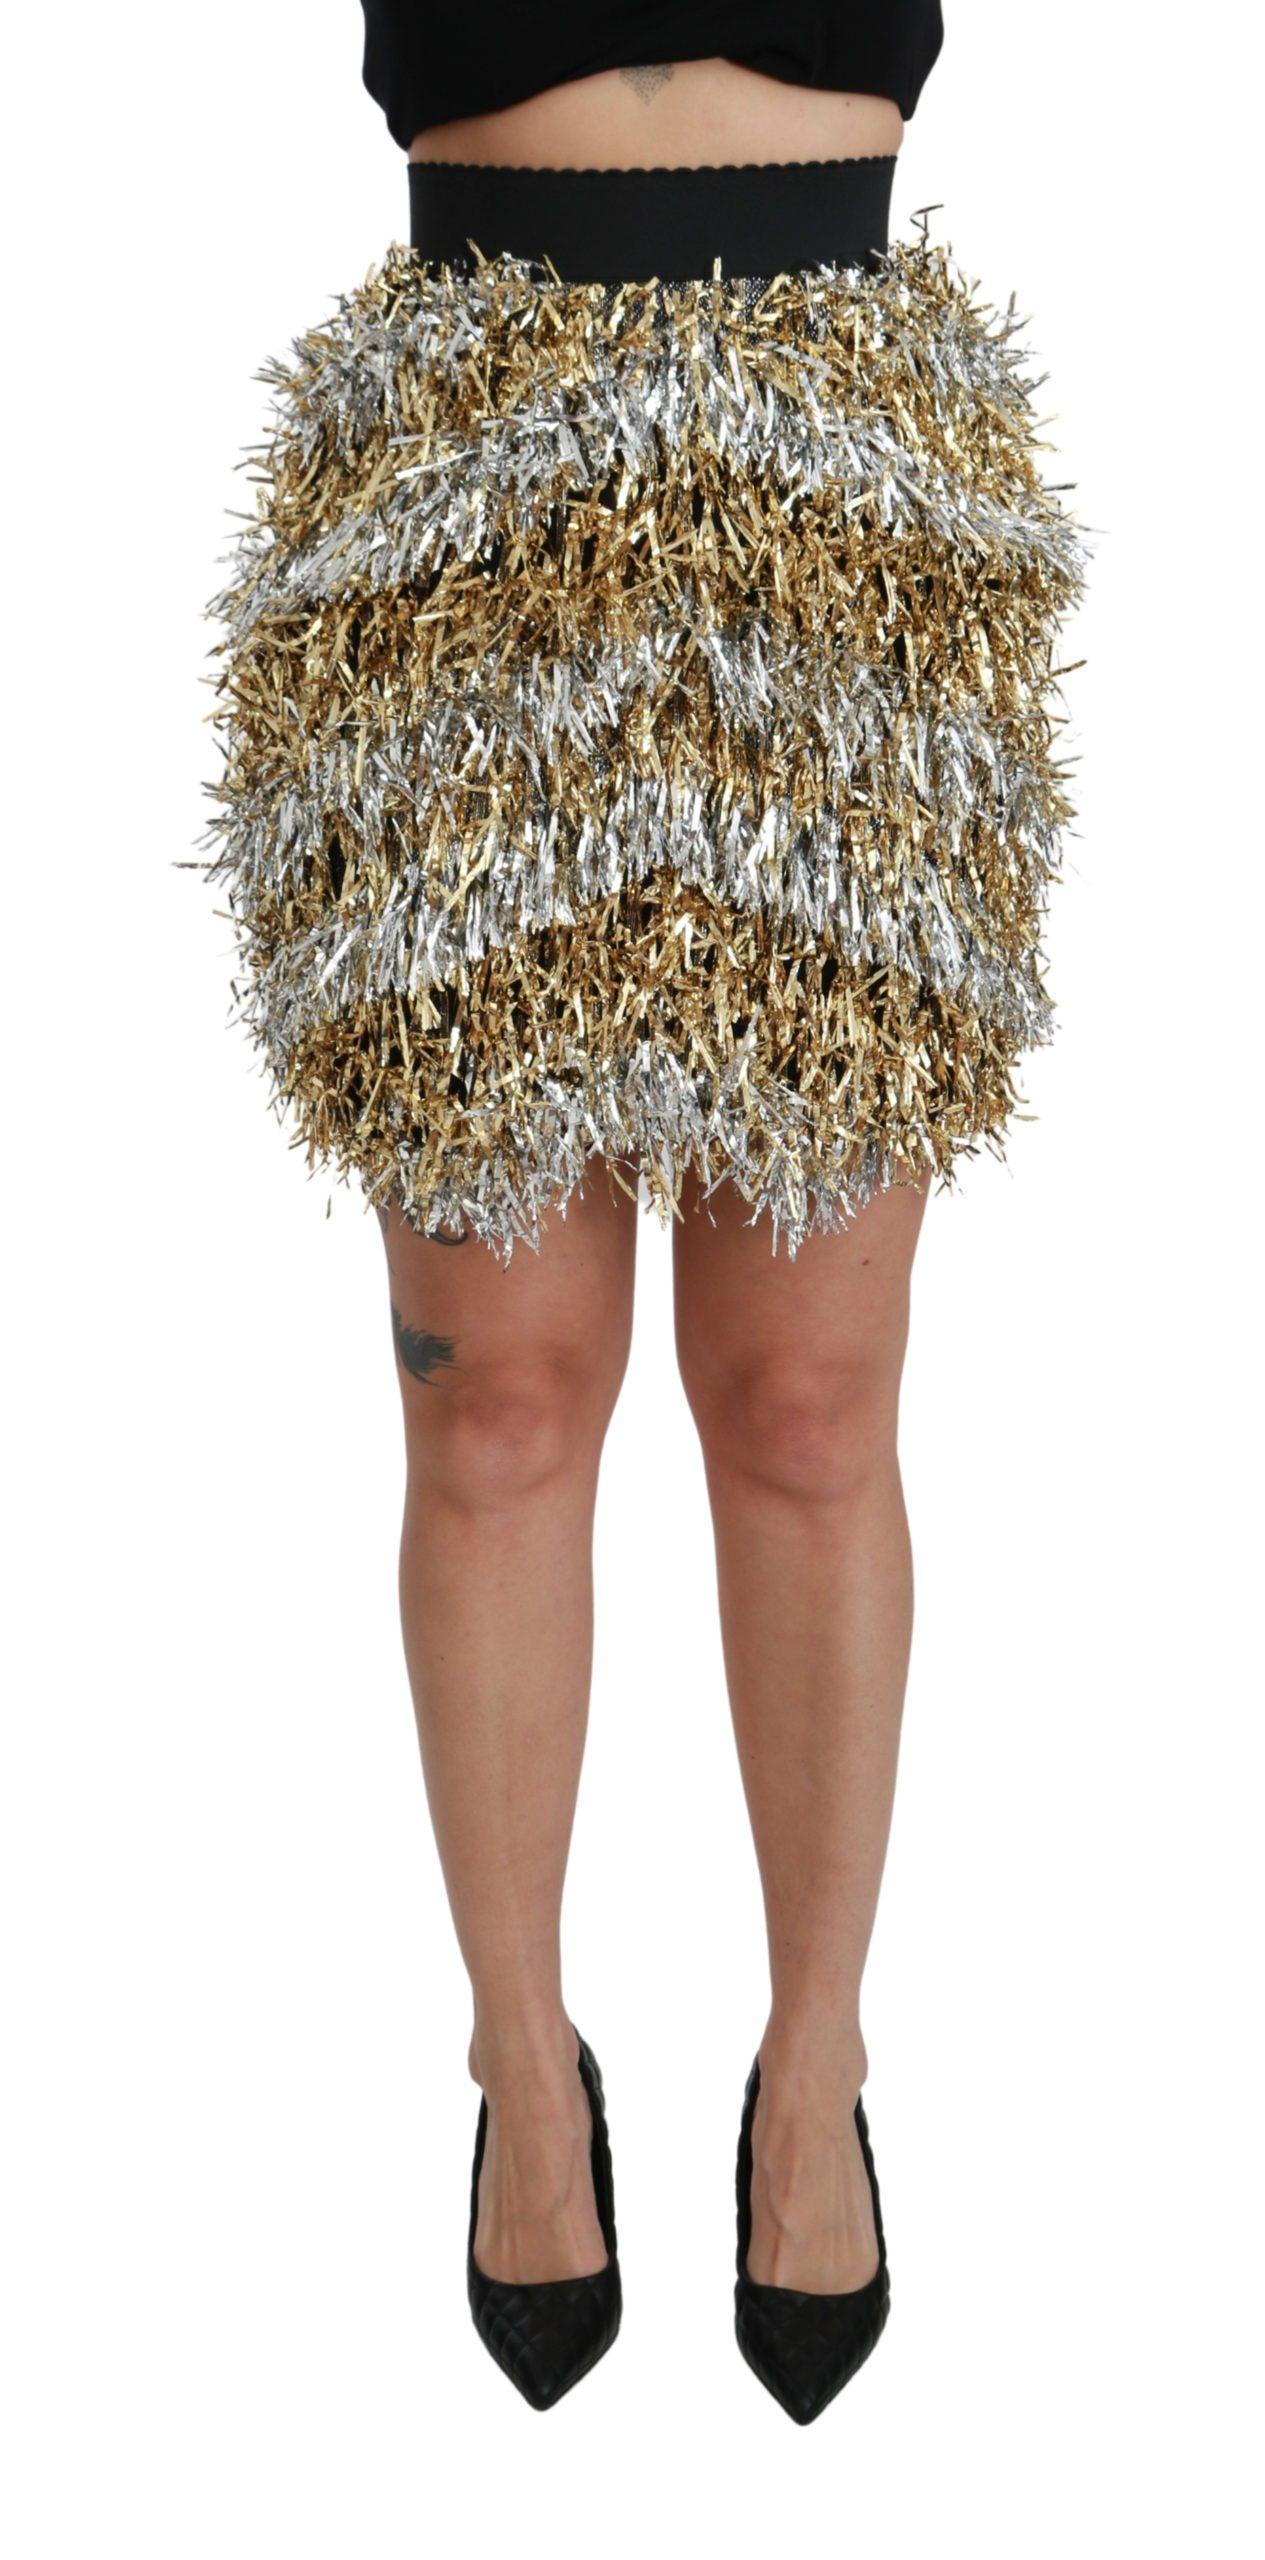 Dolce & Gabbana Women's High Waist Fringe Mini Skirt Multicolor SKI1424 - IT40|S